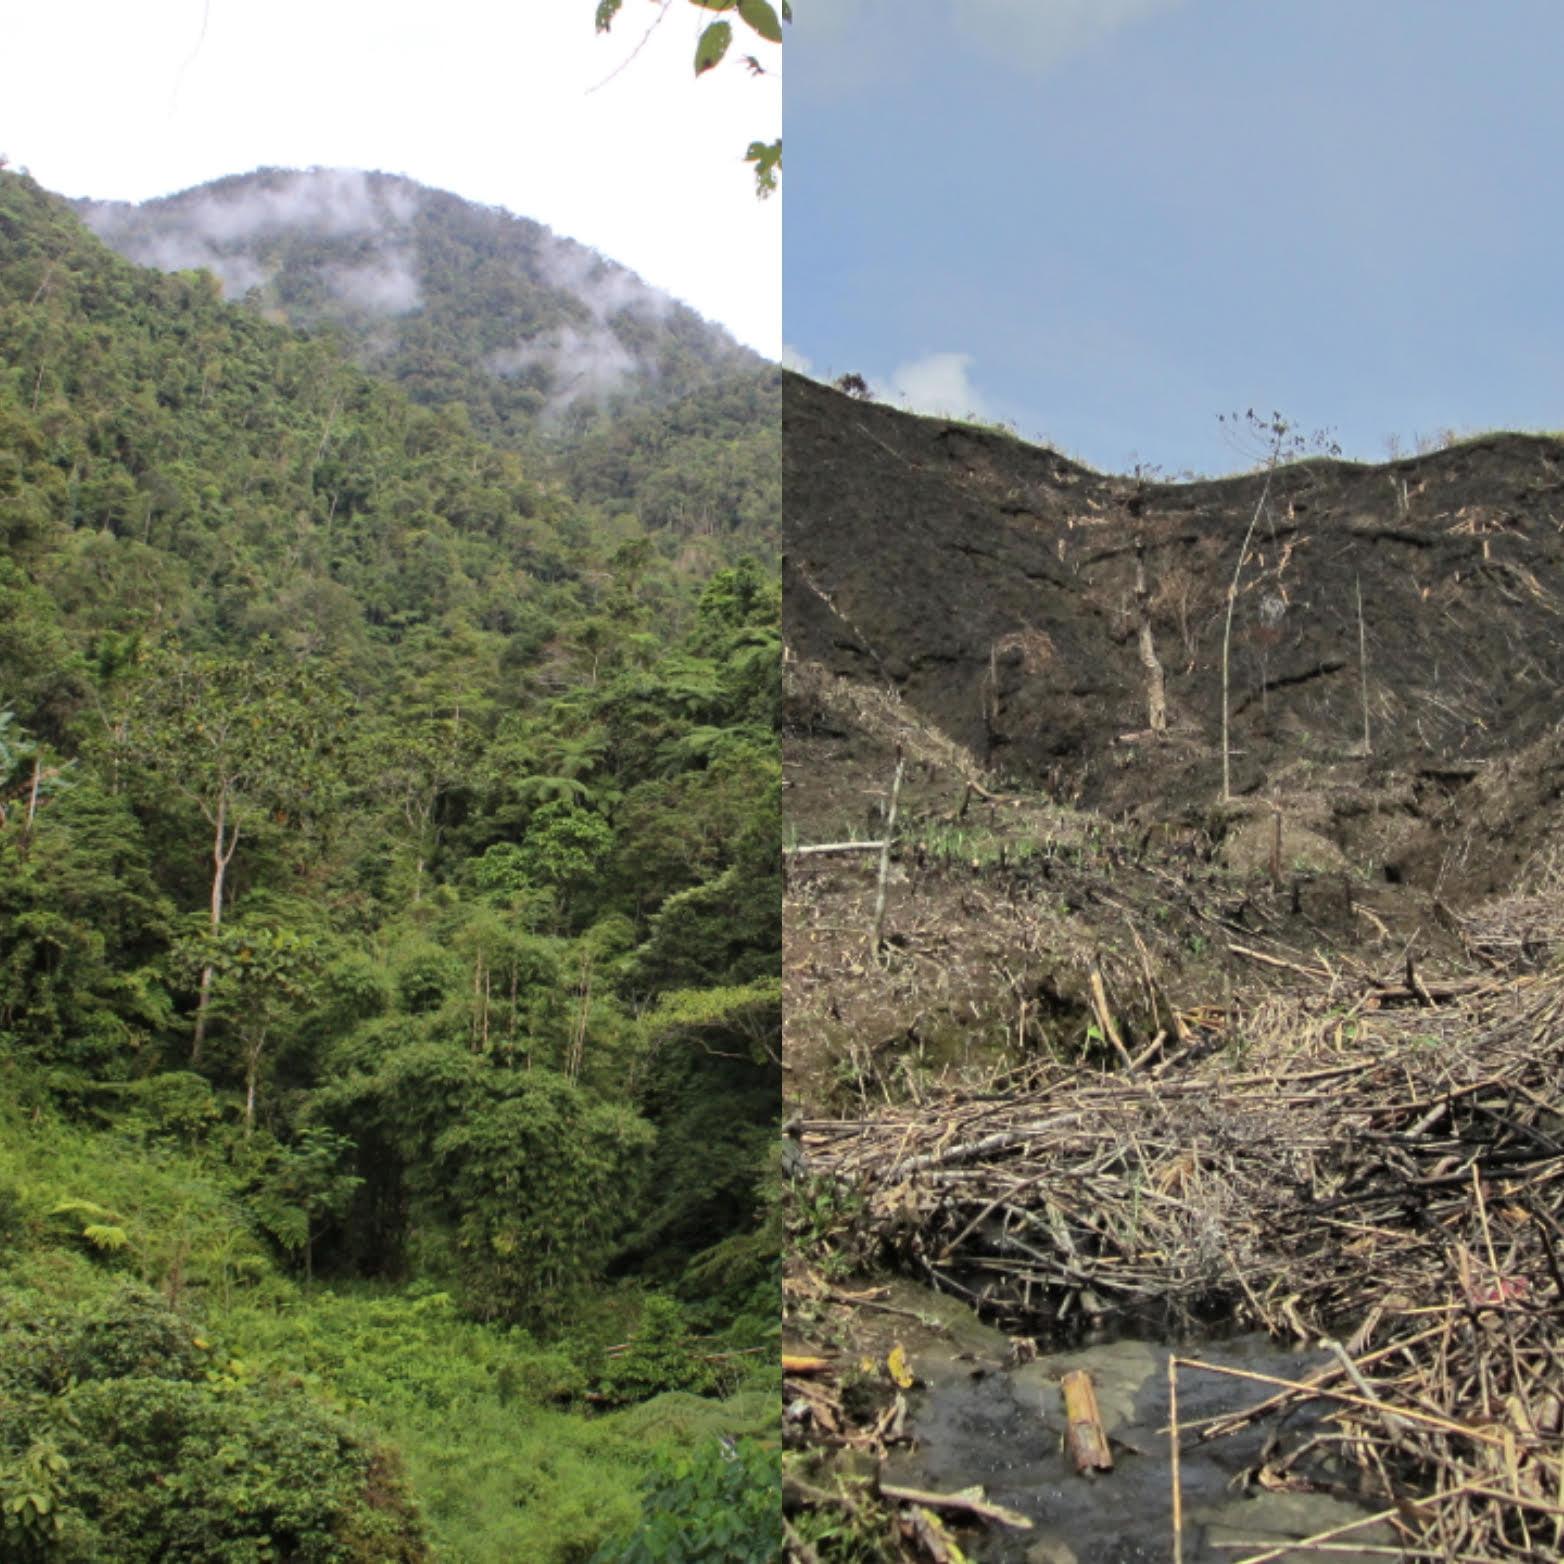 Aggressive slash and burn farming (Kaingin)